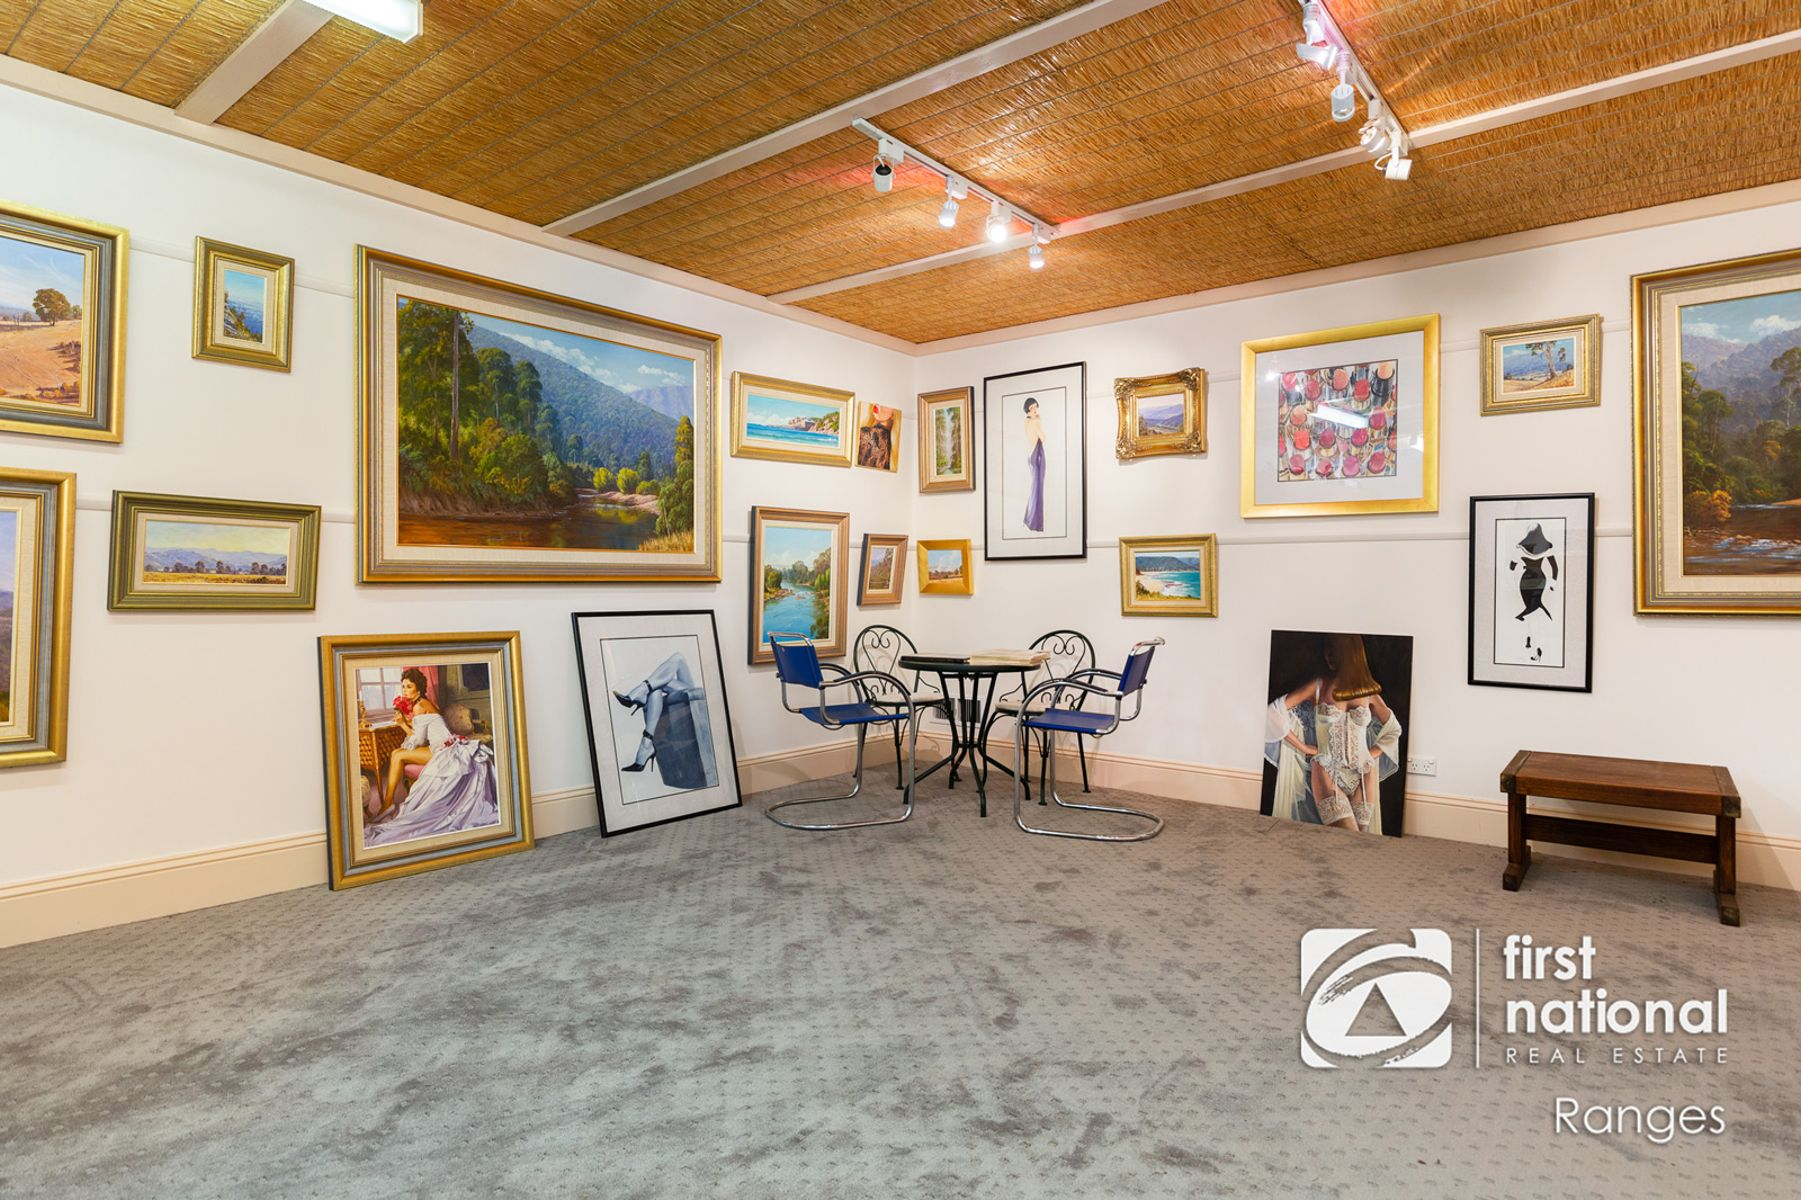 185 Emerald-Monbulk Road, Monbulk, VIC 3793